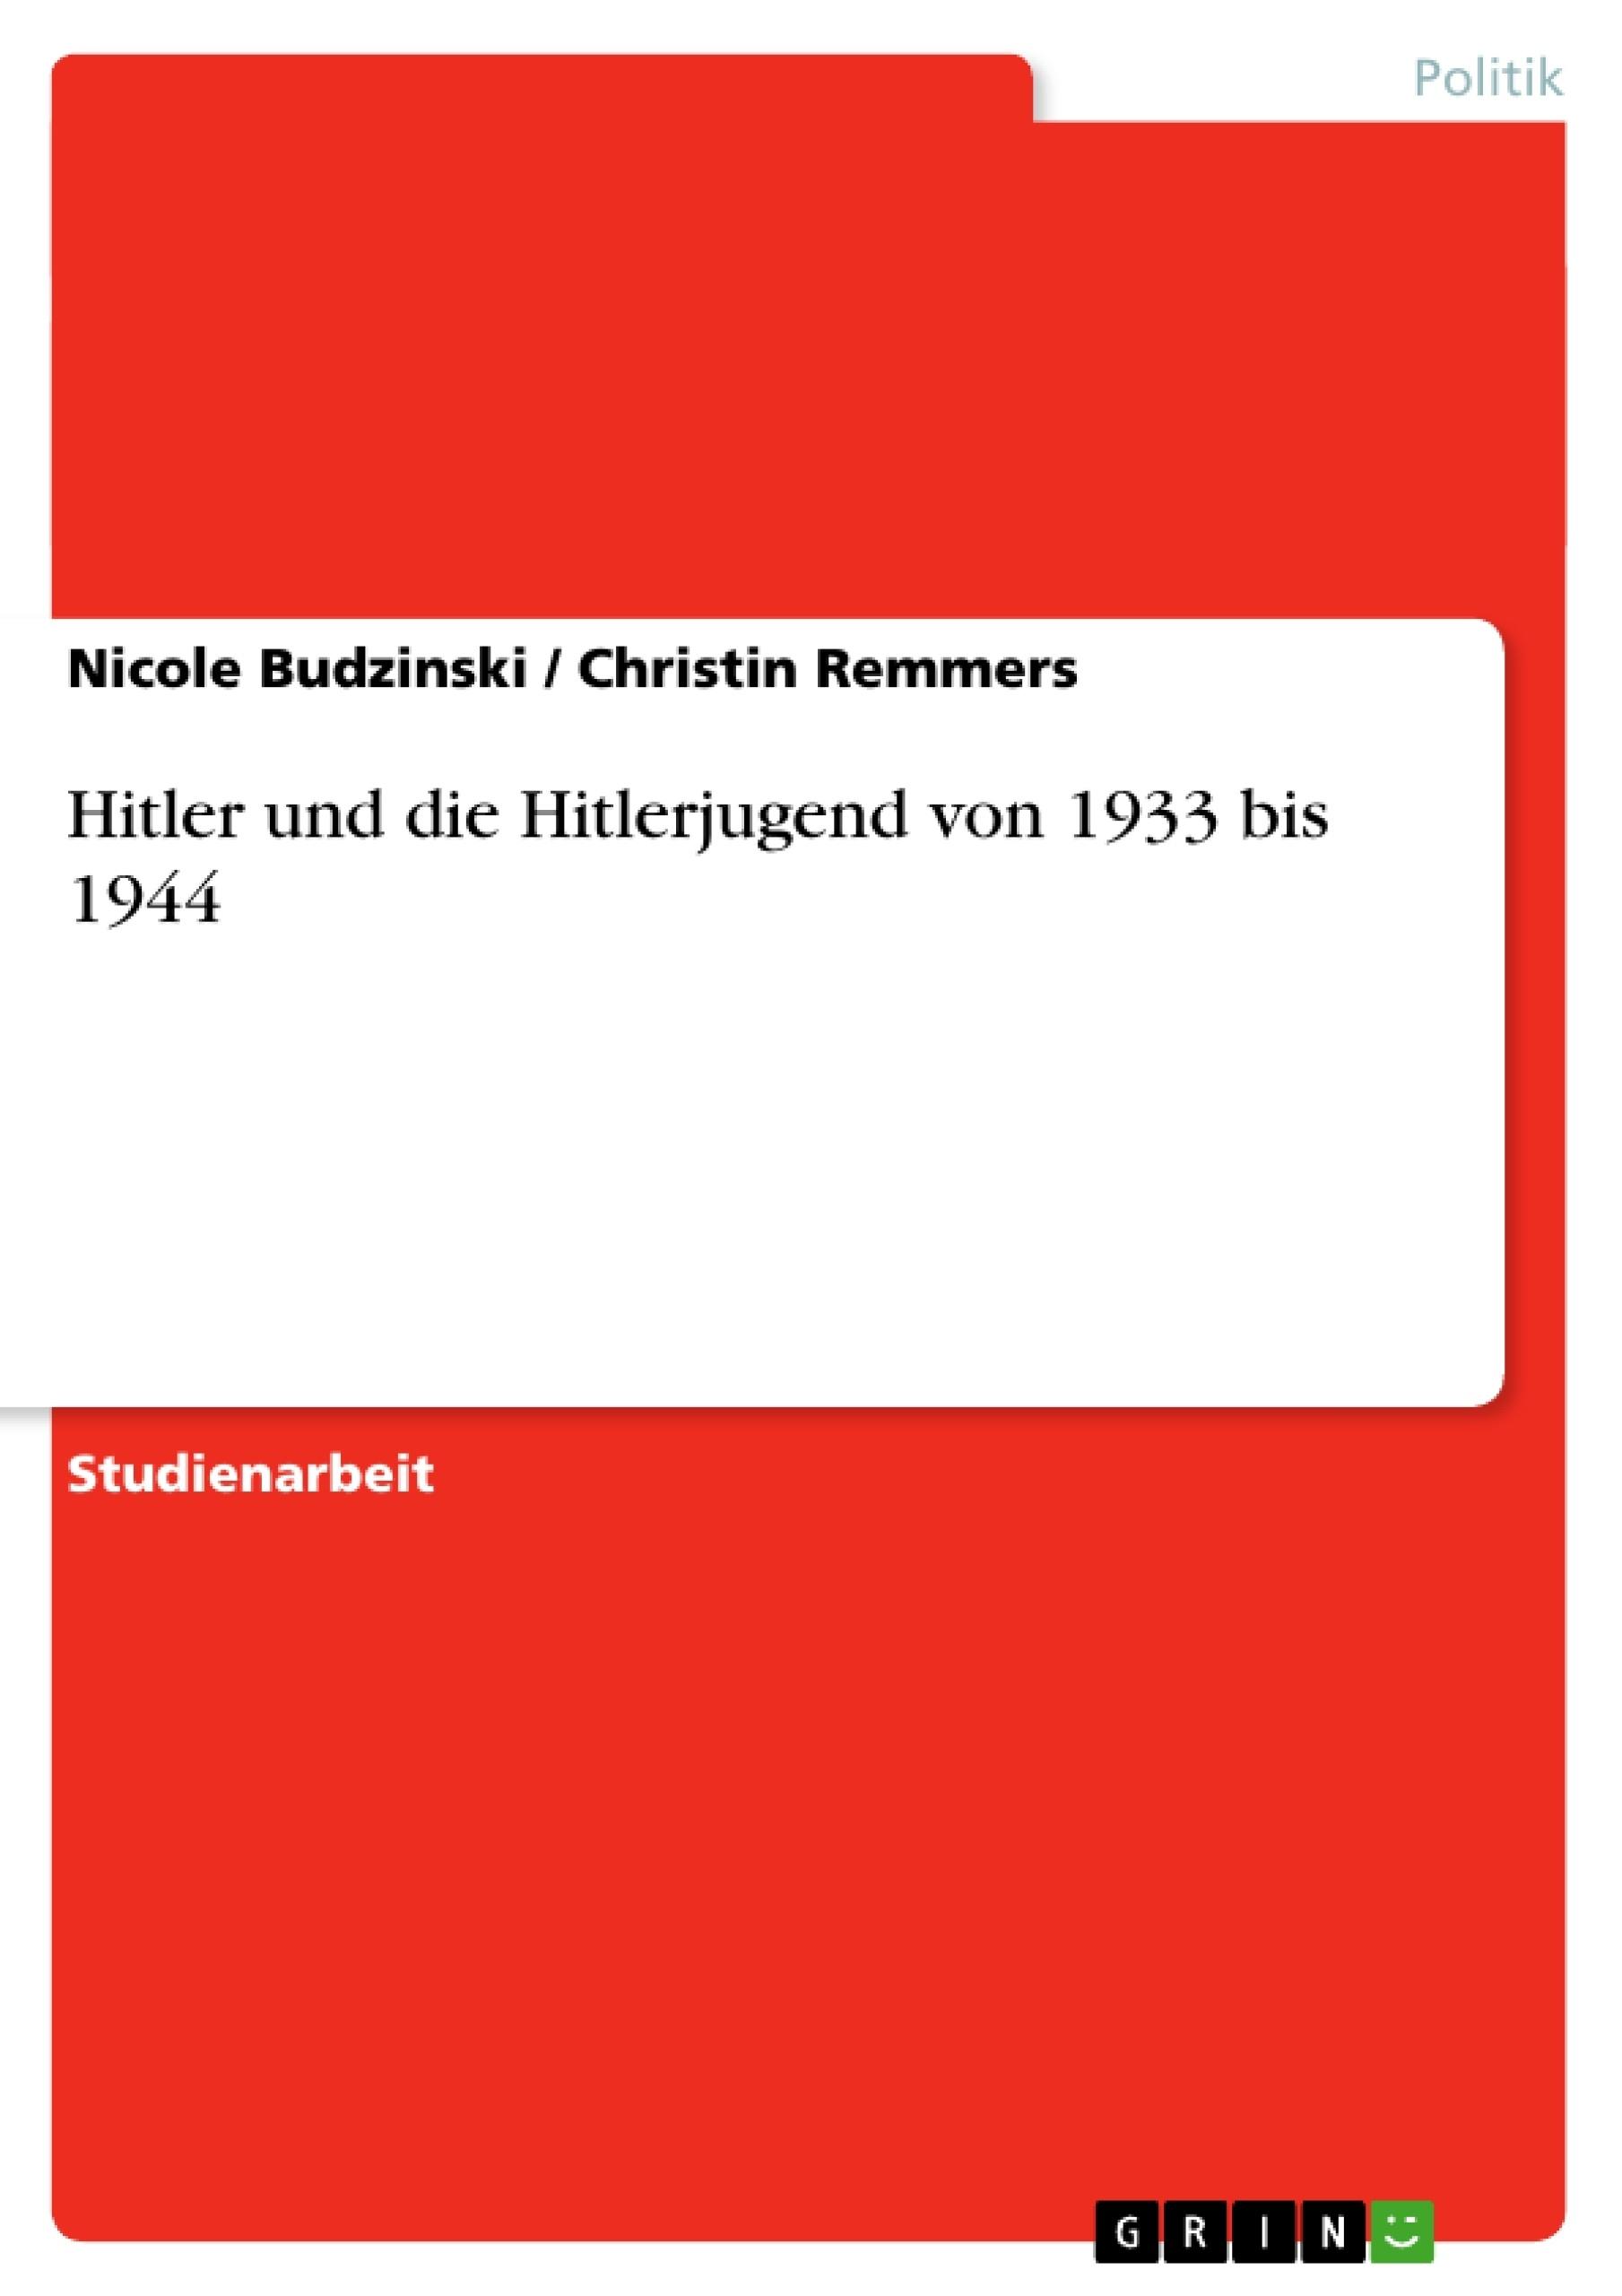 Titel: Hitler und die Hitlerjugend von 1933 bis 1944